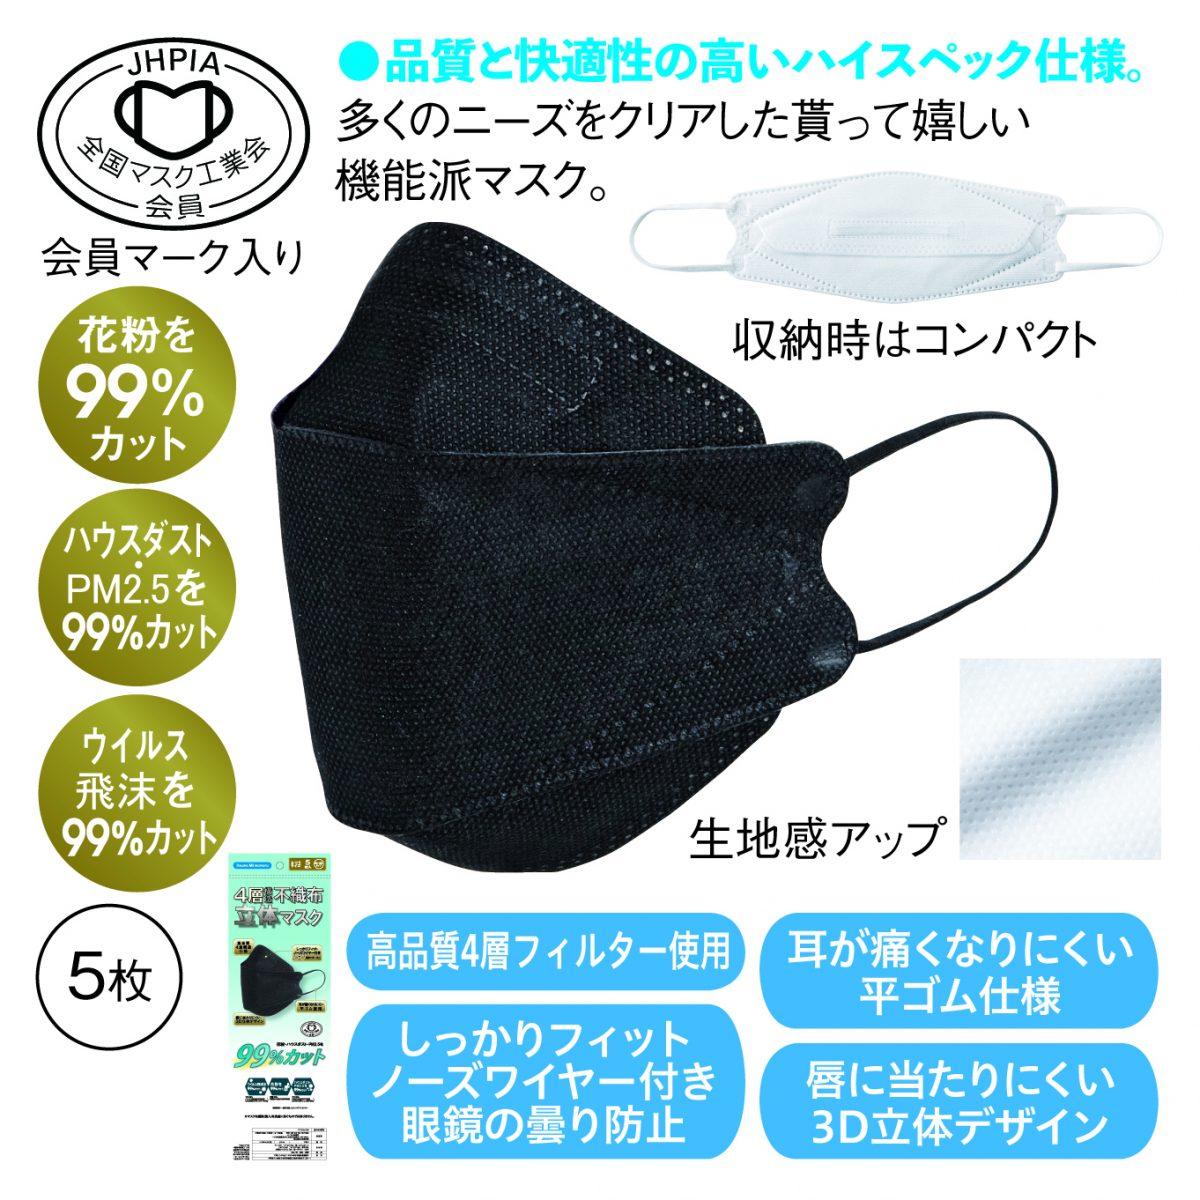 4層構造不織布立体マスク5 枚入(ブラック)